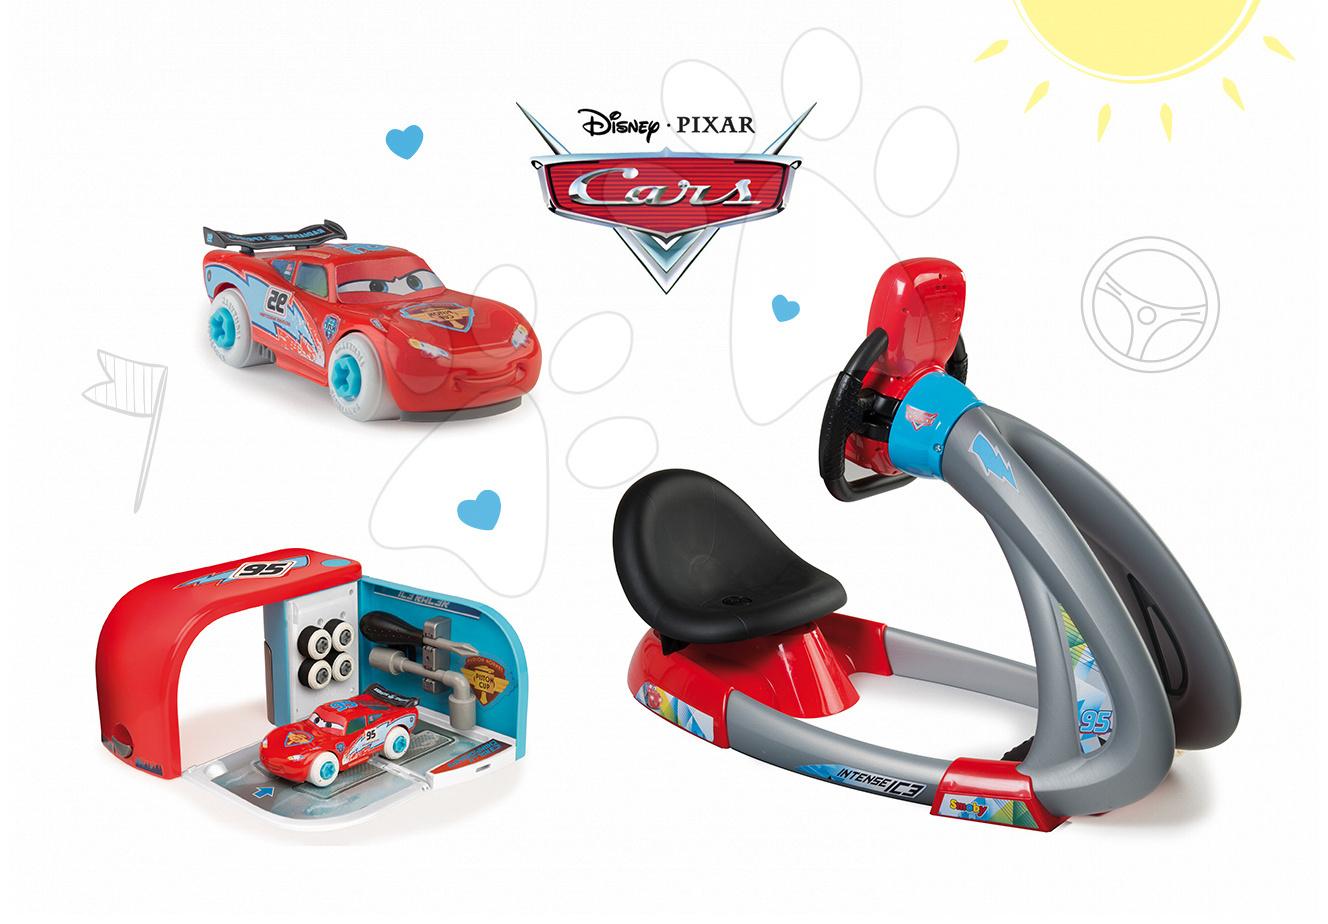 Set dětský trenažér V8 Driver Smoby elektronický se zvukem a světlem a autoservis s nářadím a autem McQueen